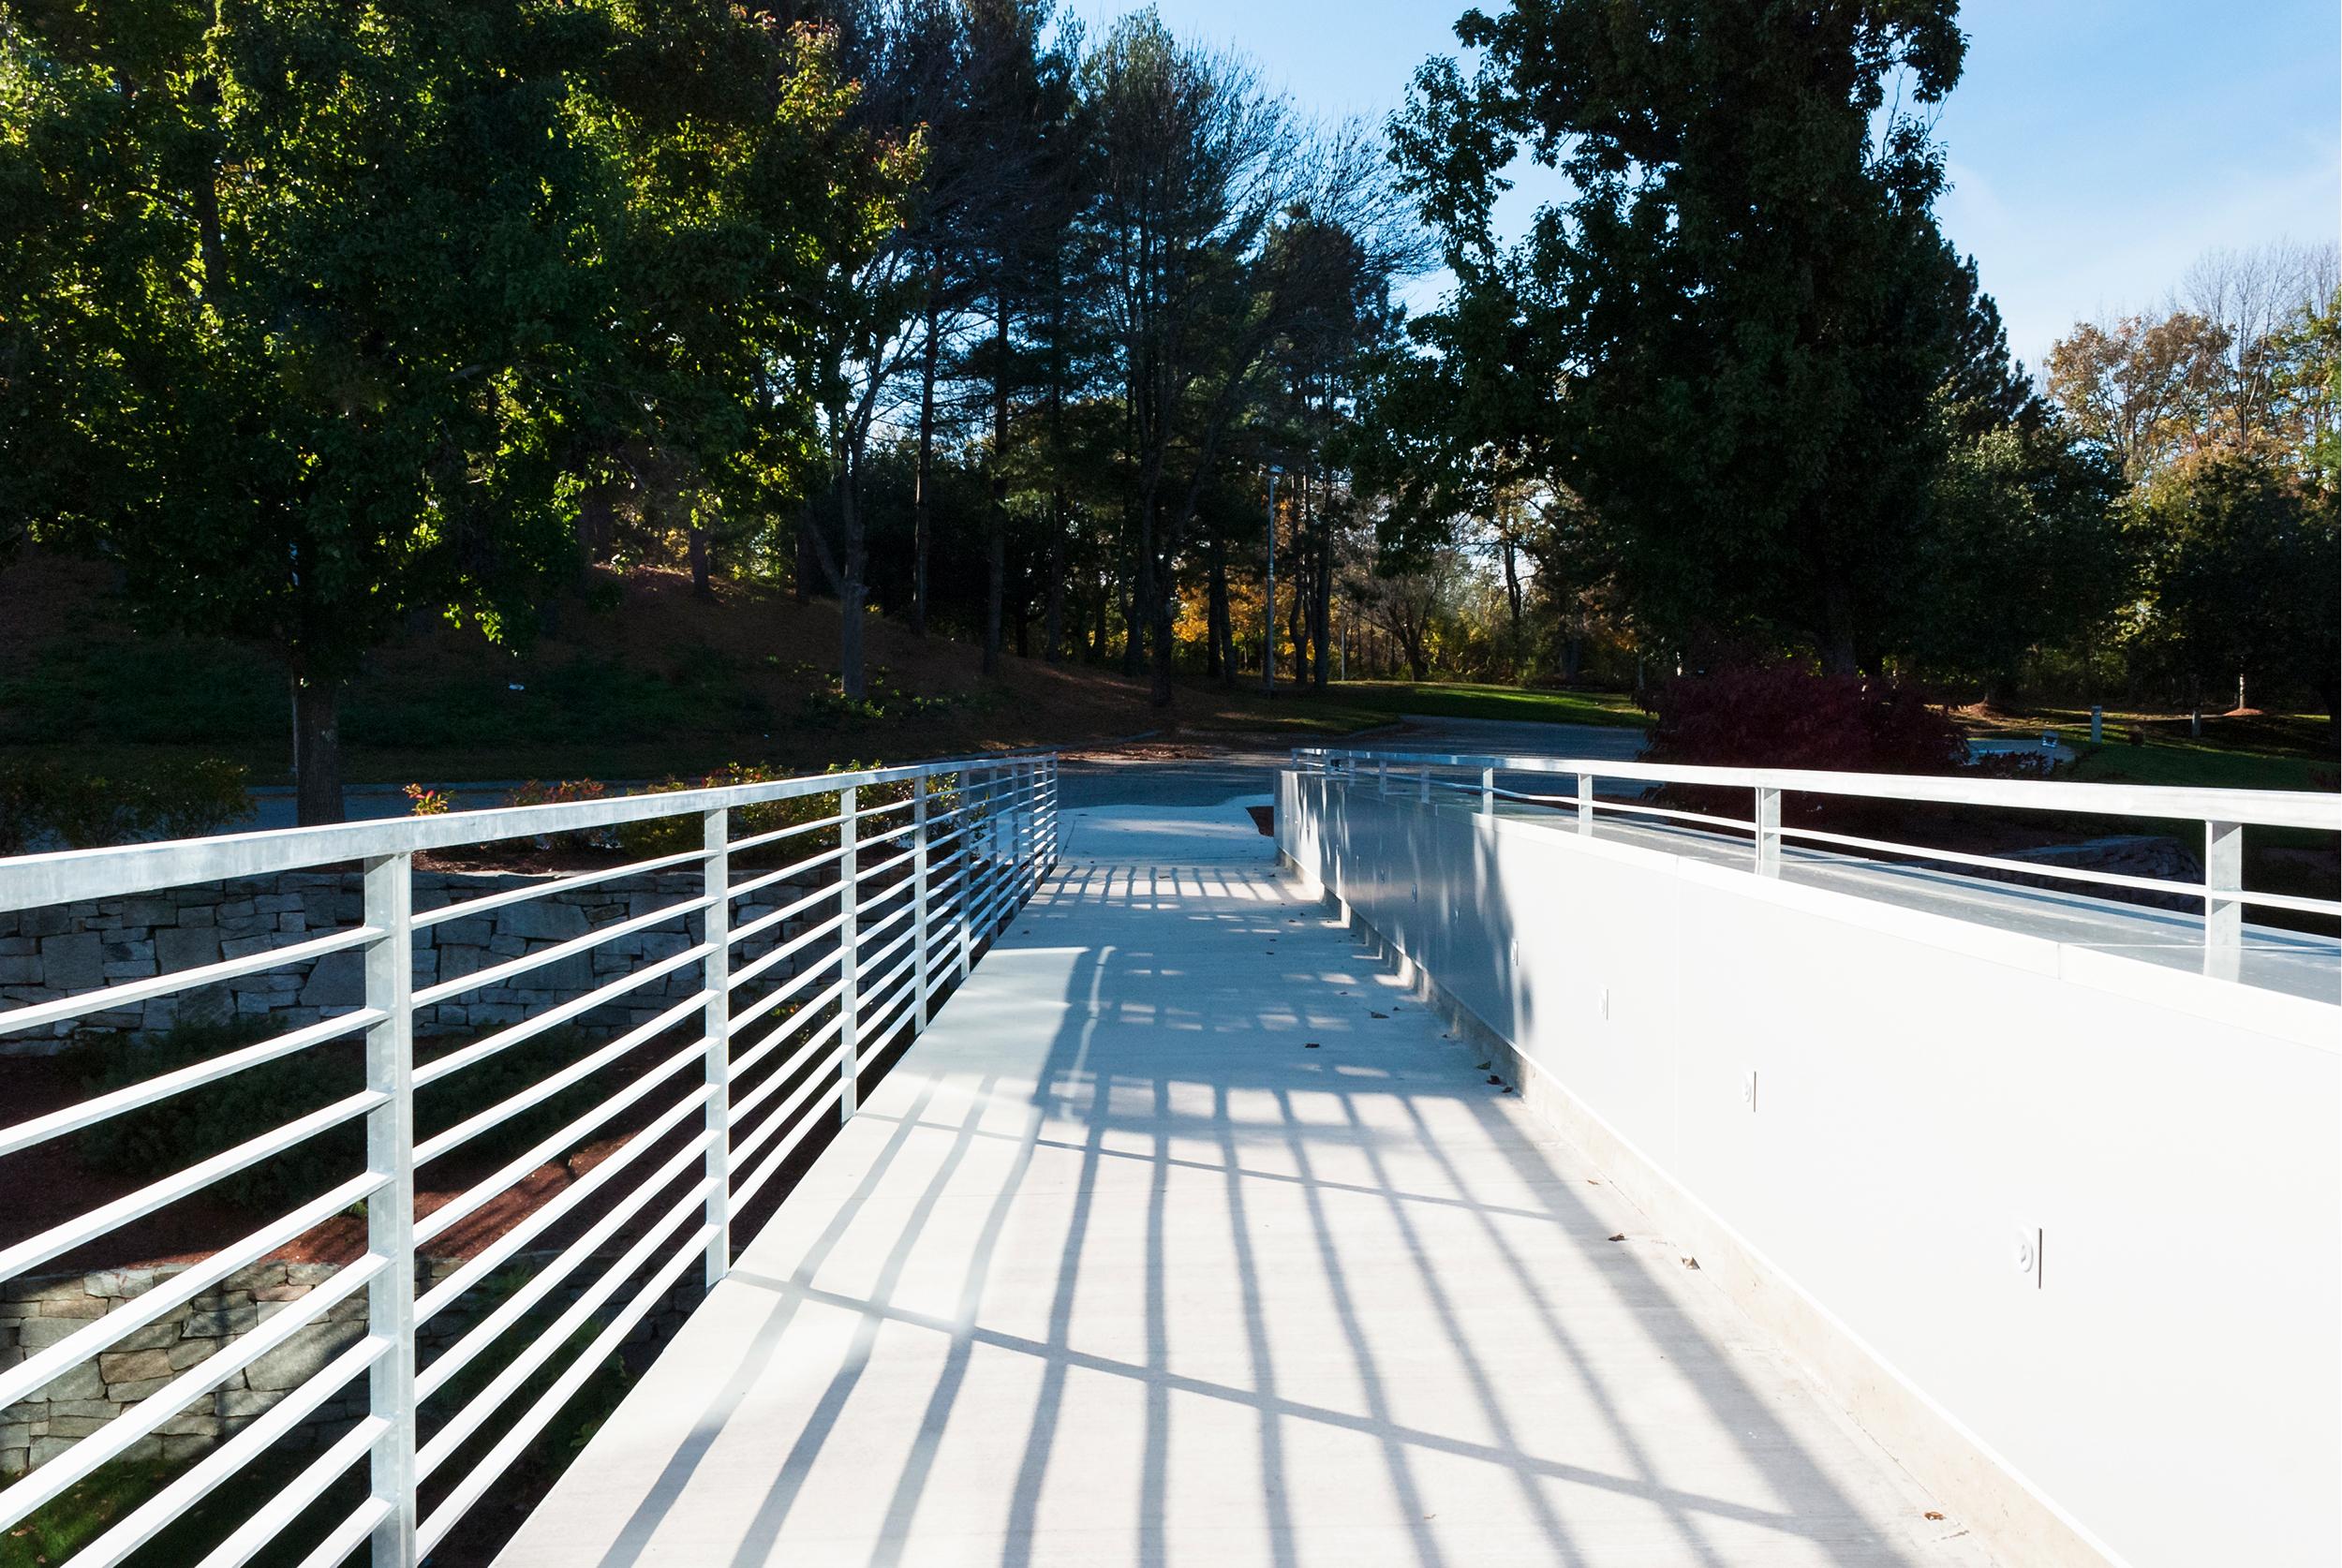 007_1 Radcliff Road - Footbridge.jpg